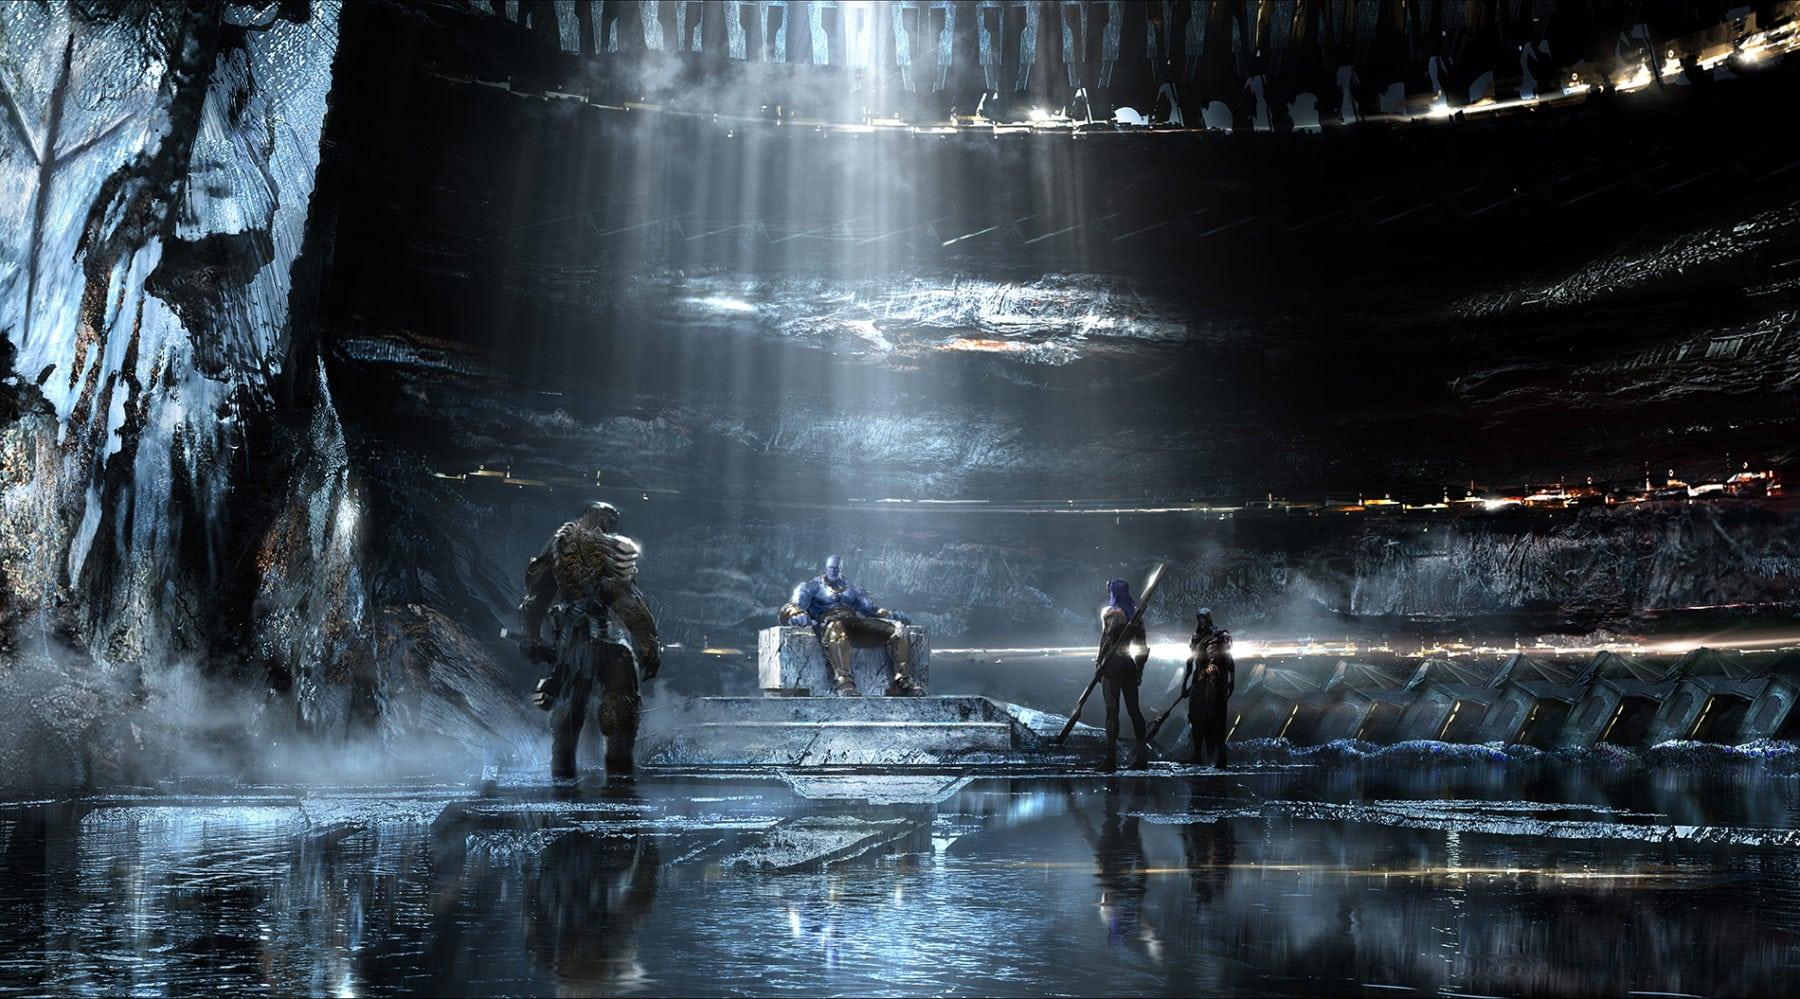 El nuevo arte conceptual de Marvel's Avengers: Infinity War llega en línea